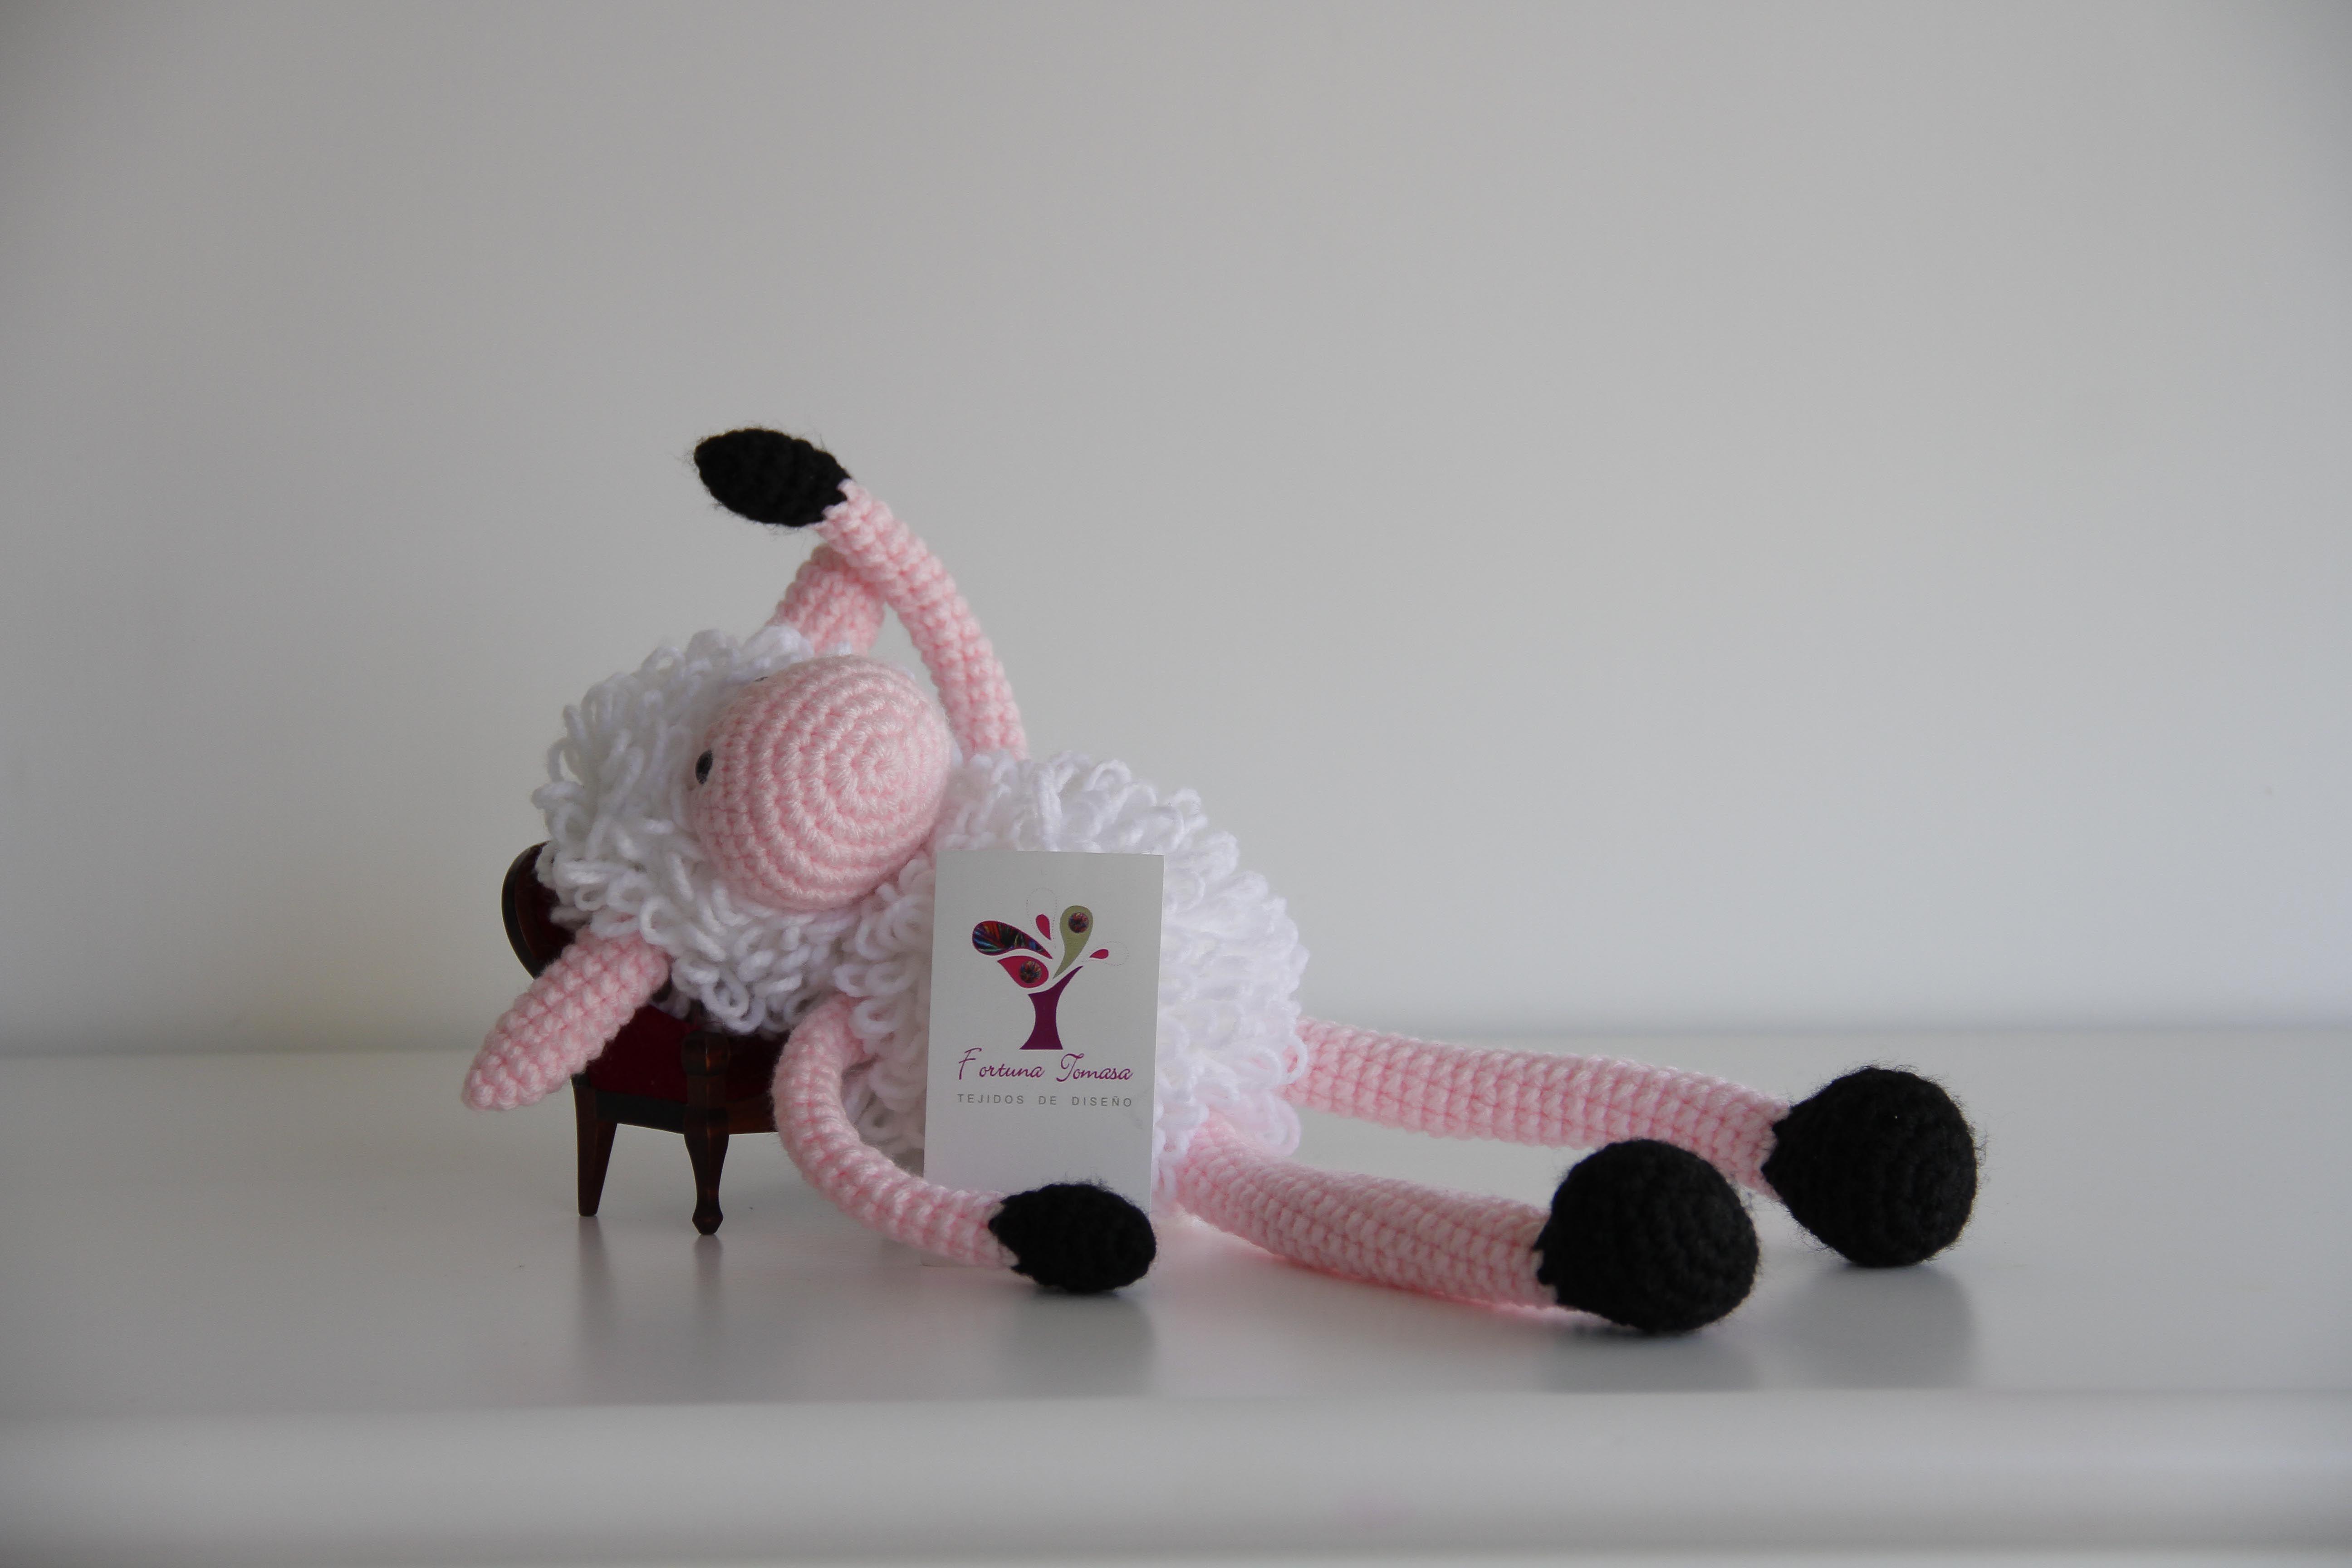 Oveja Feliciana ,tejida a crochet ,mide aproximadamente 35 cm de alto .